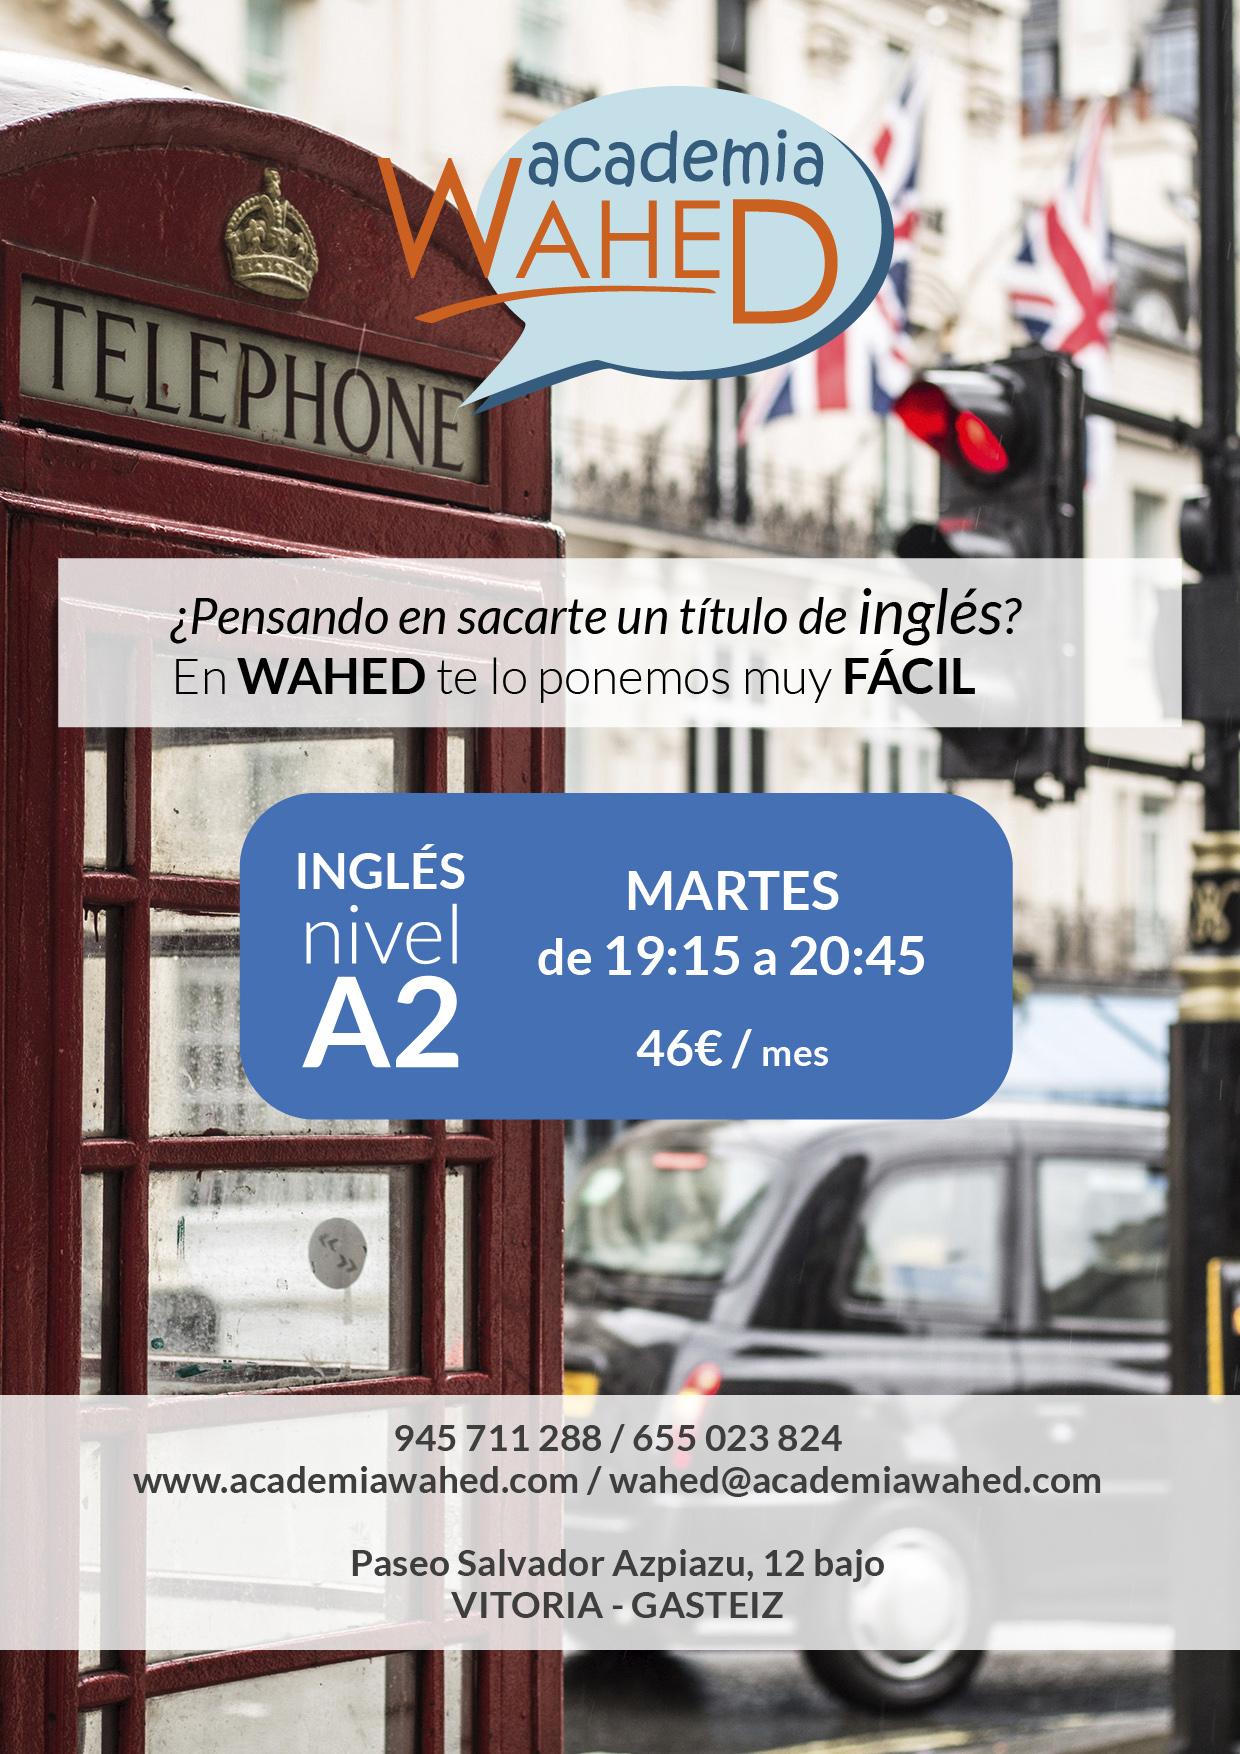 Wahed-cartel febrero 2019_nivel A2